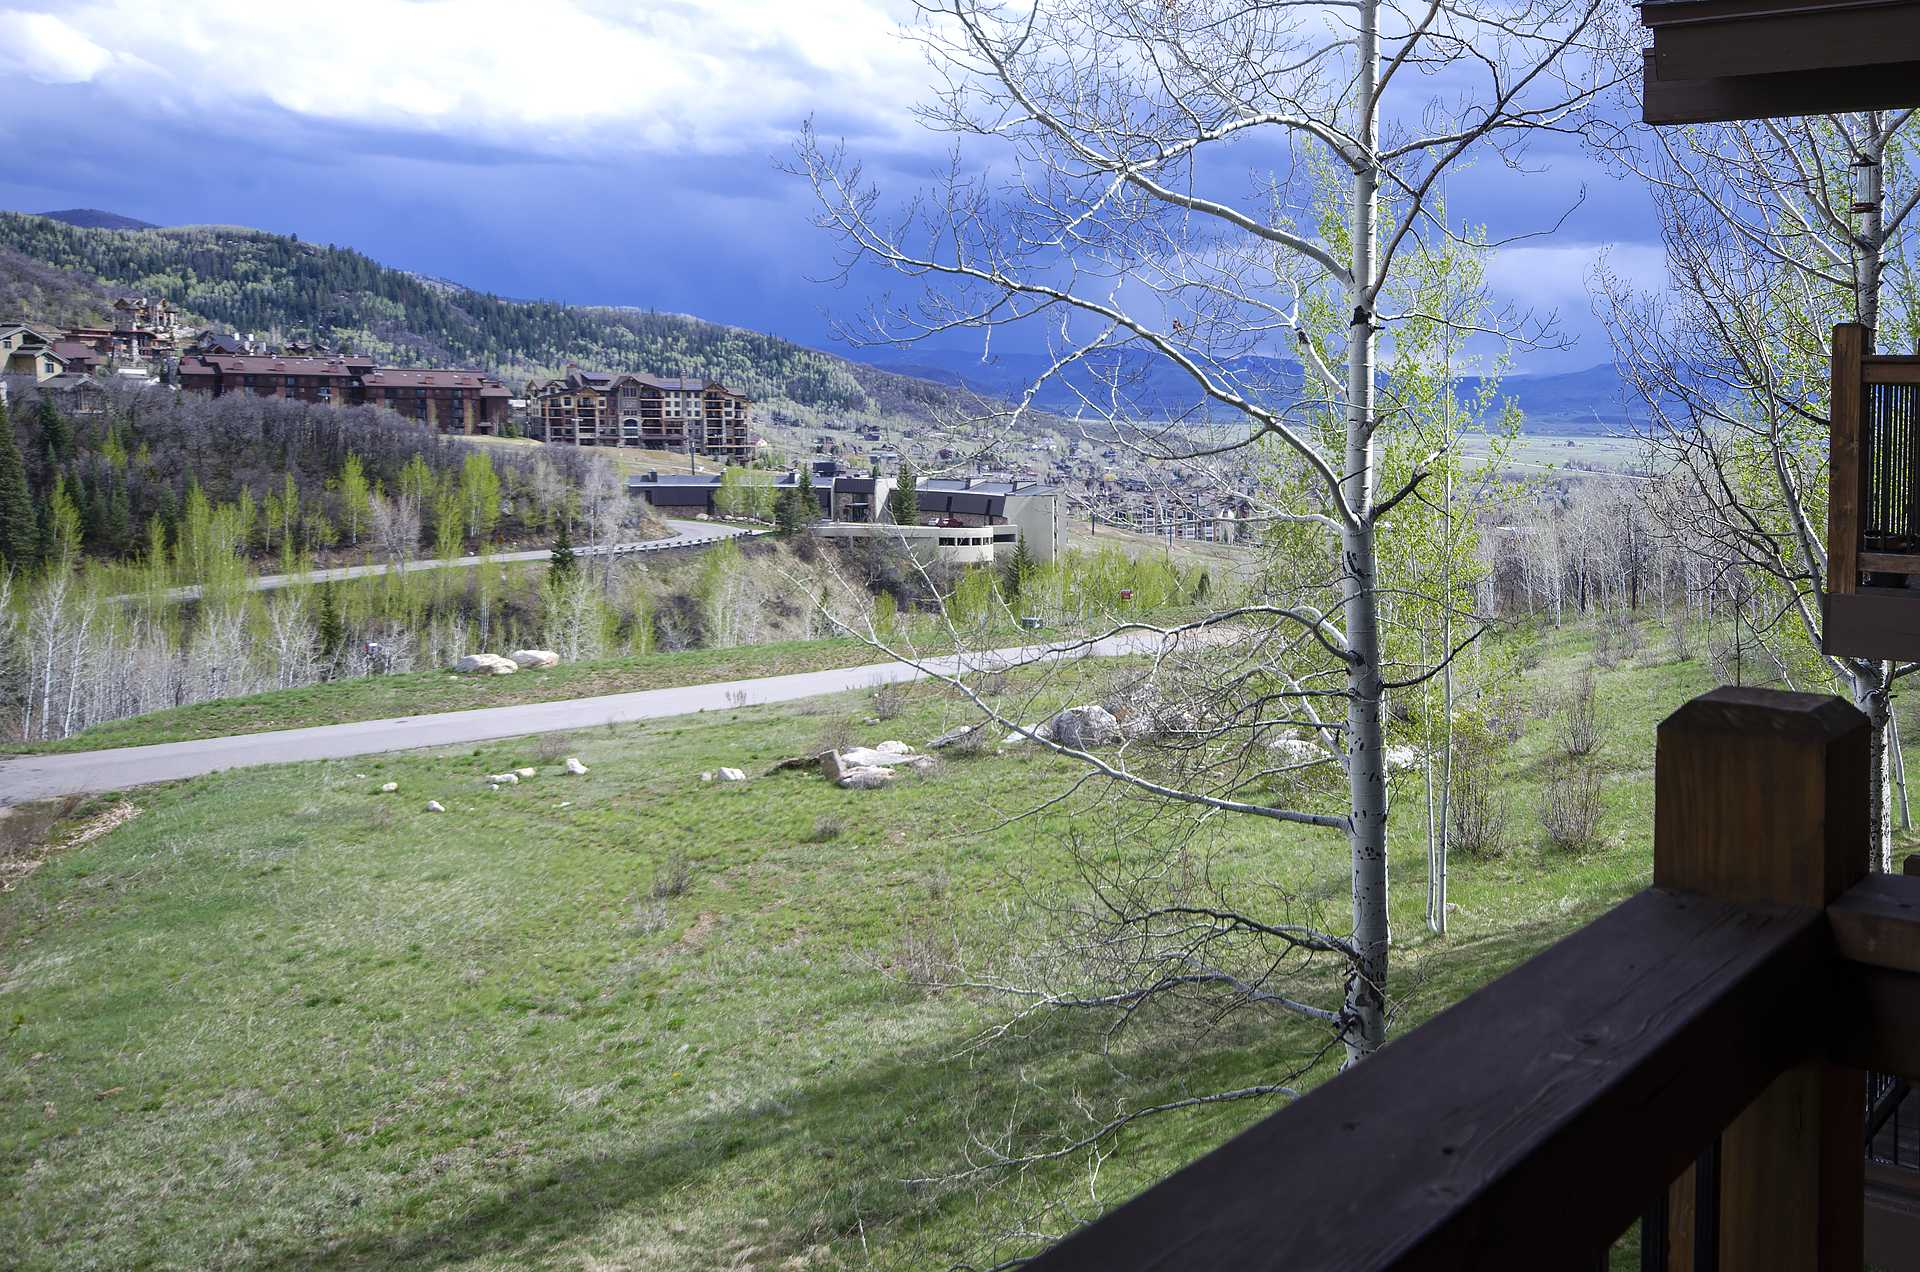 RA604: Ranch at Steamboat